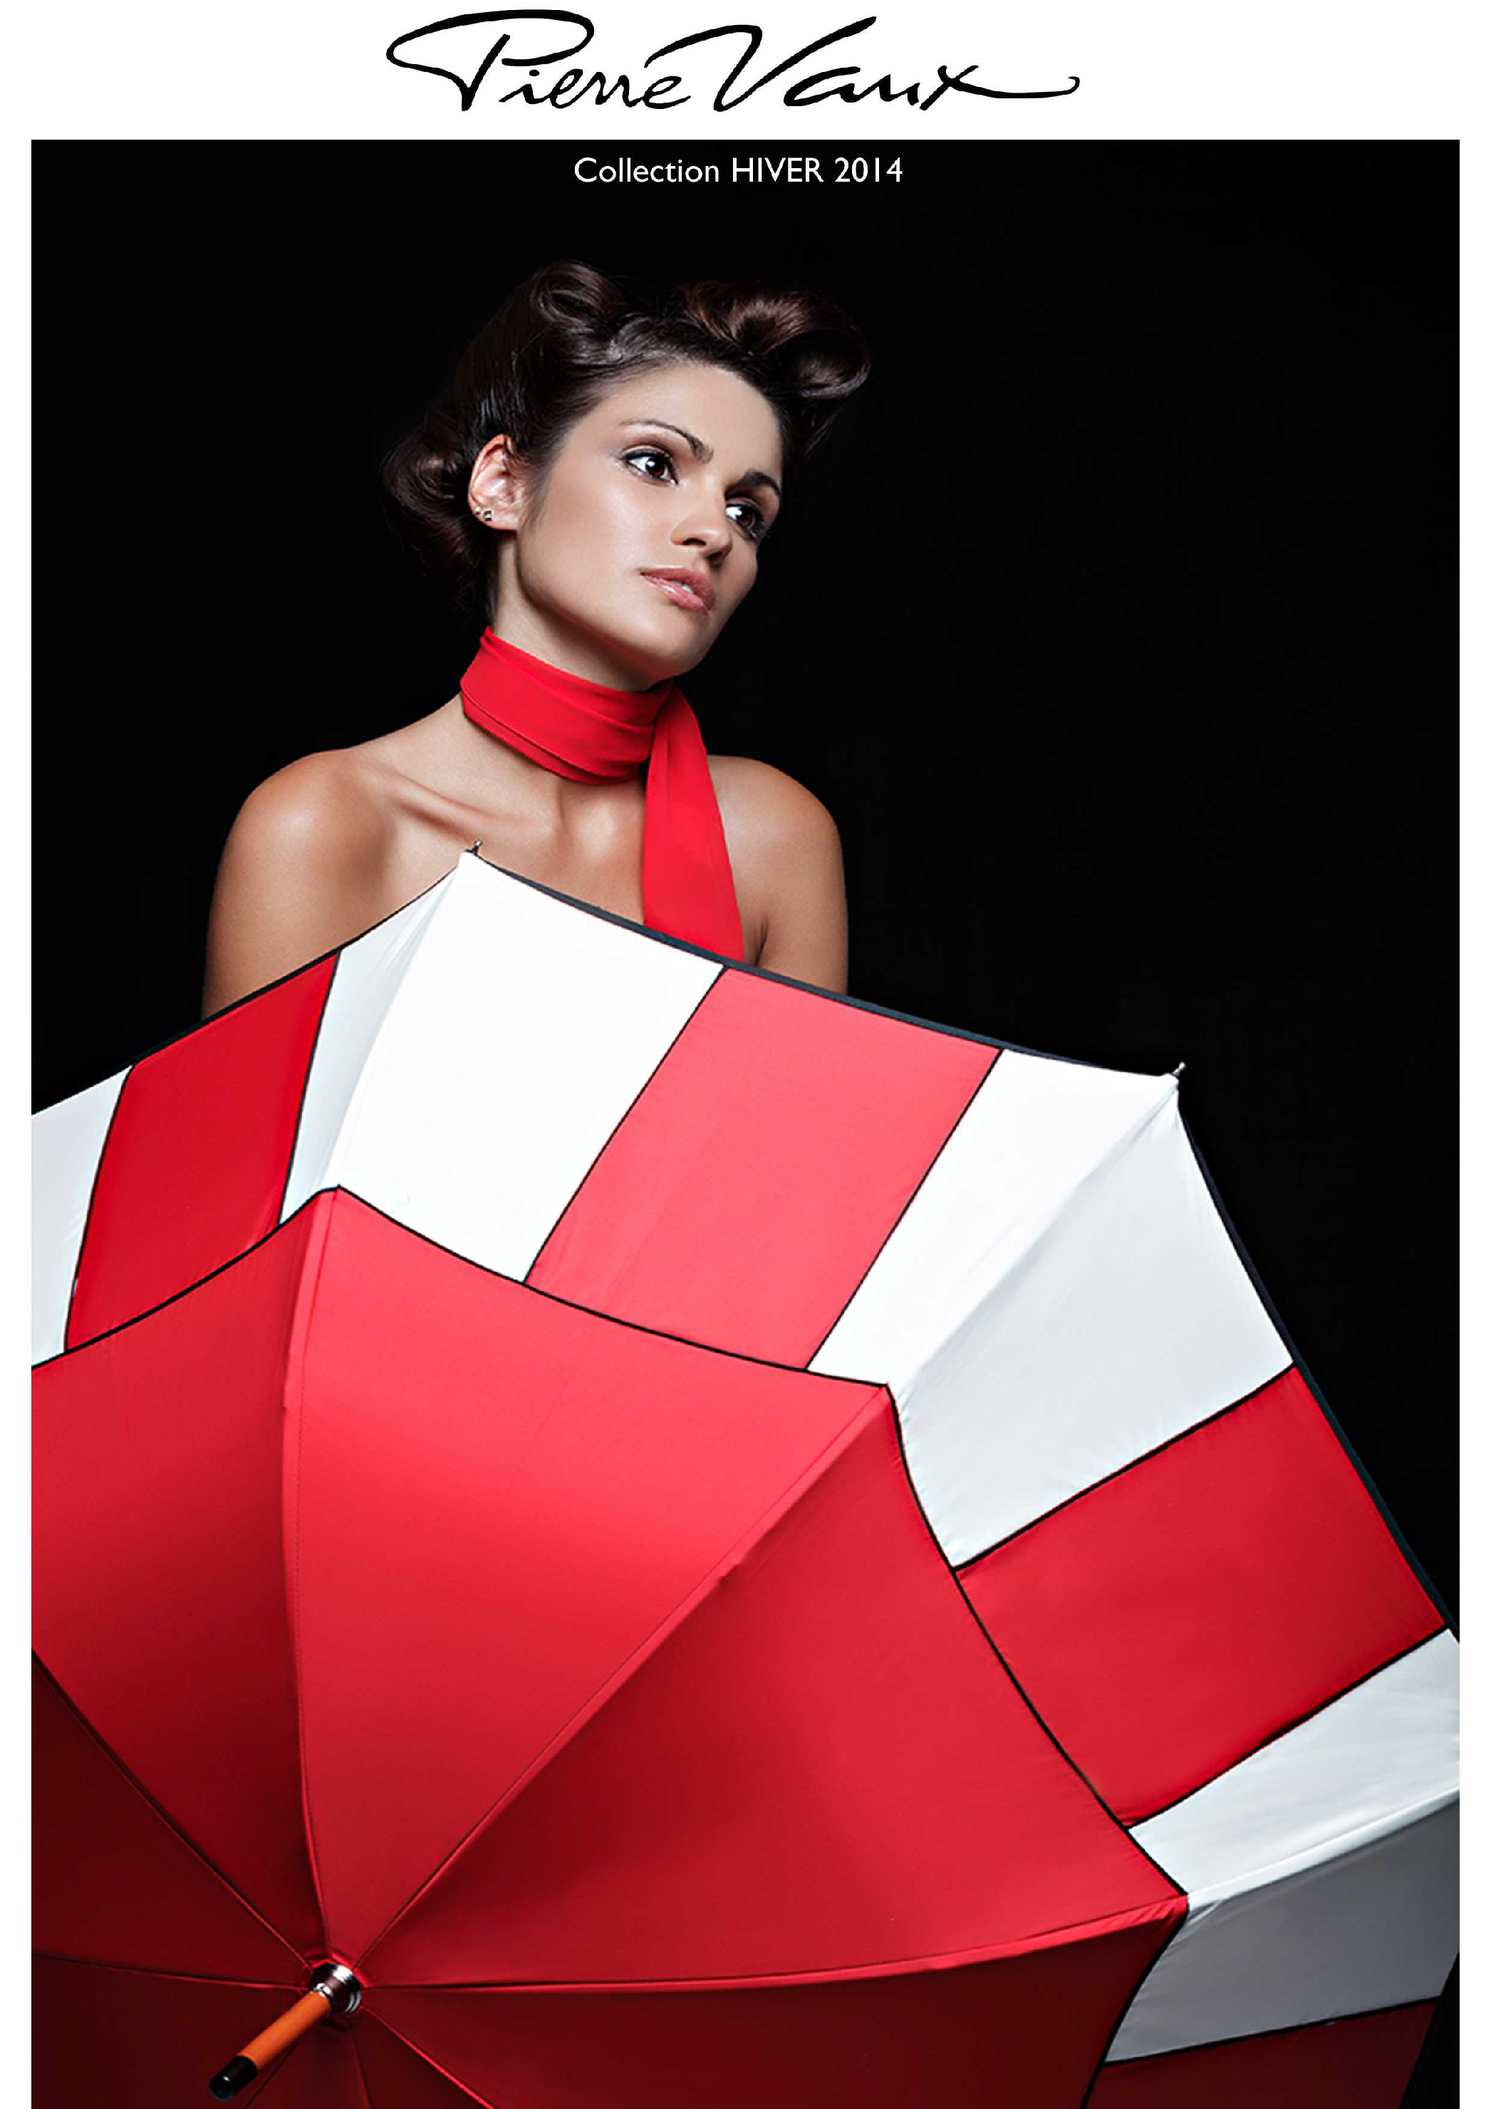 Collection Parapluies Pierre Vaux